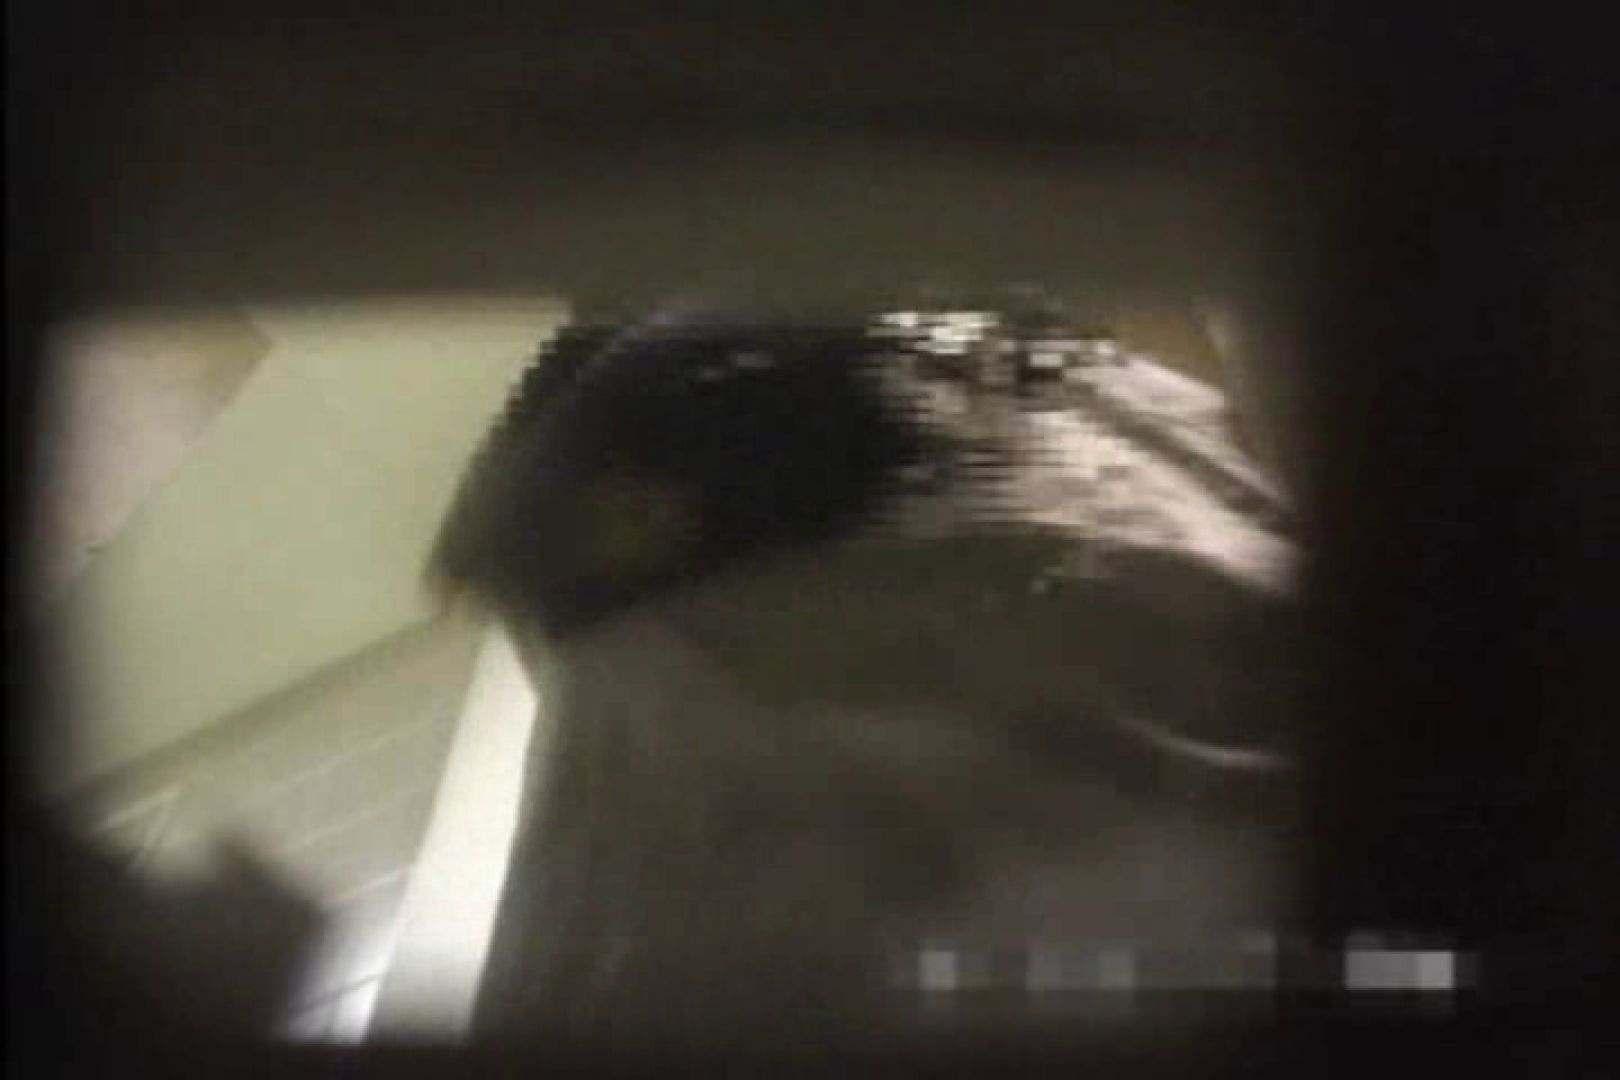 STY-013 実録!2カメde女子洗面所 名作 AV動画キャプチャ 113pic 79